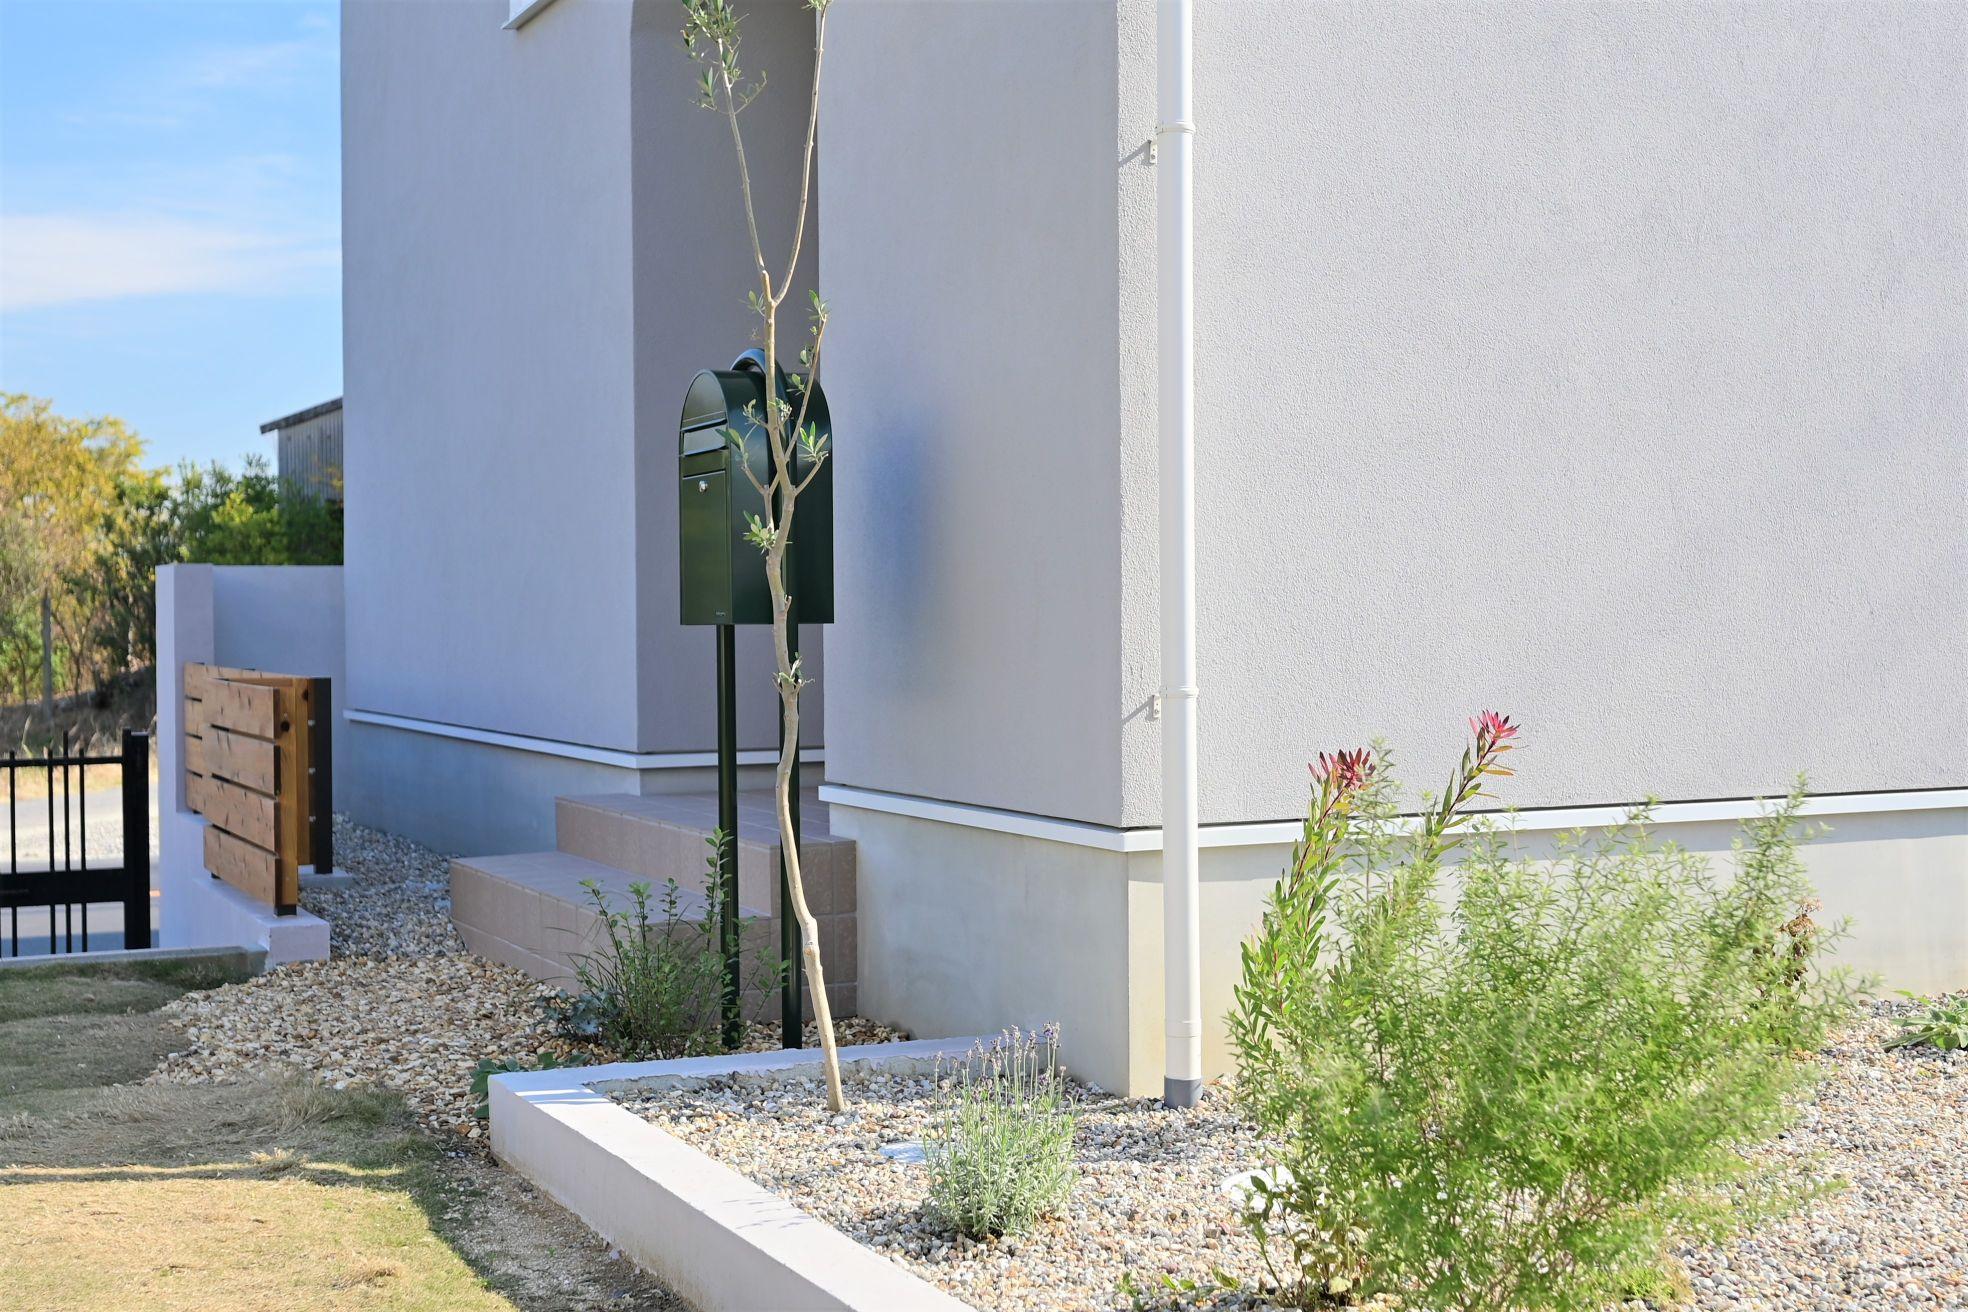 サンエフホーム【デザイン住宅、収納力、自然素材】家へ続く道のりが少しでも楽しい物になる演出がされている